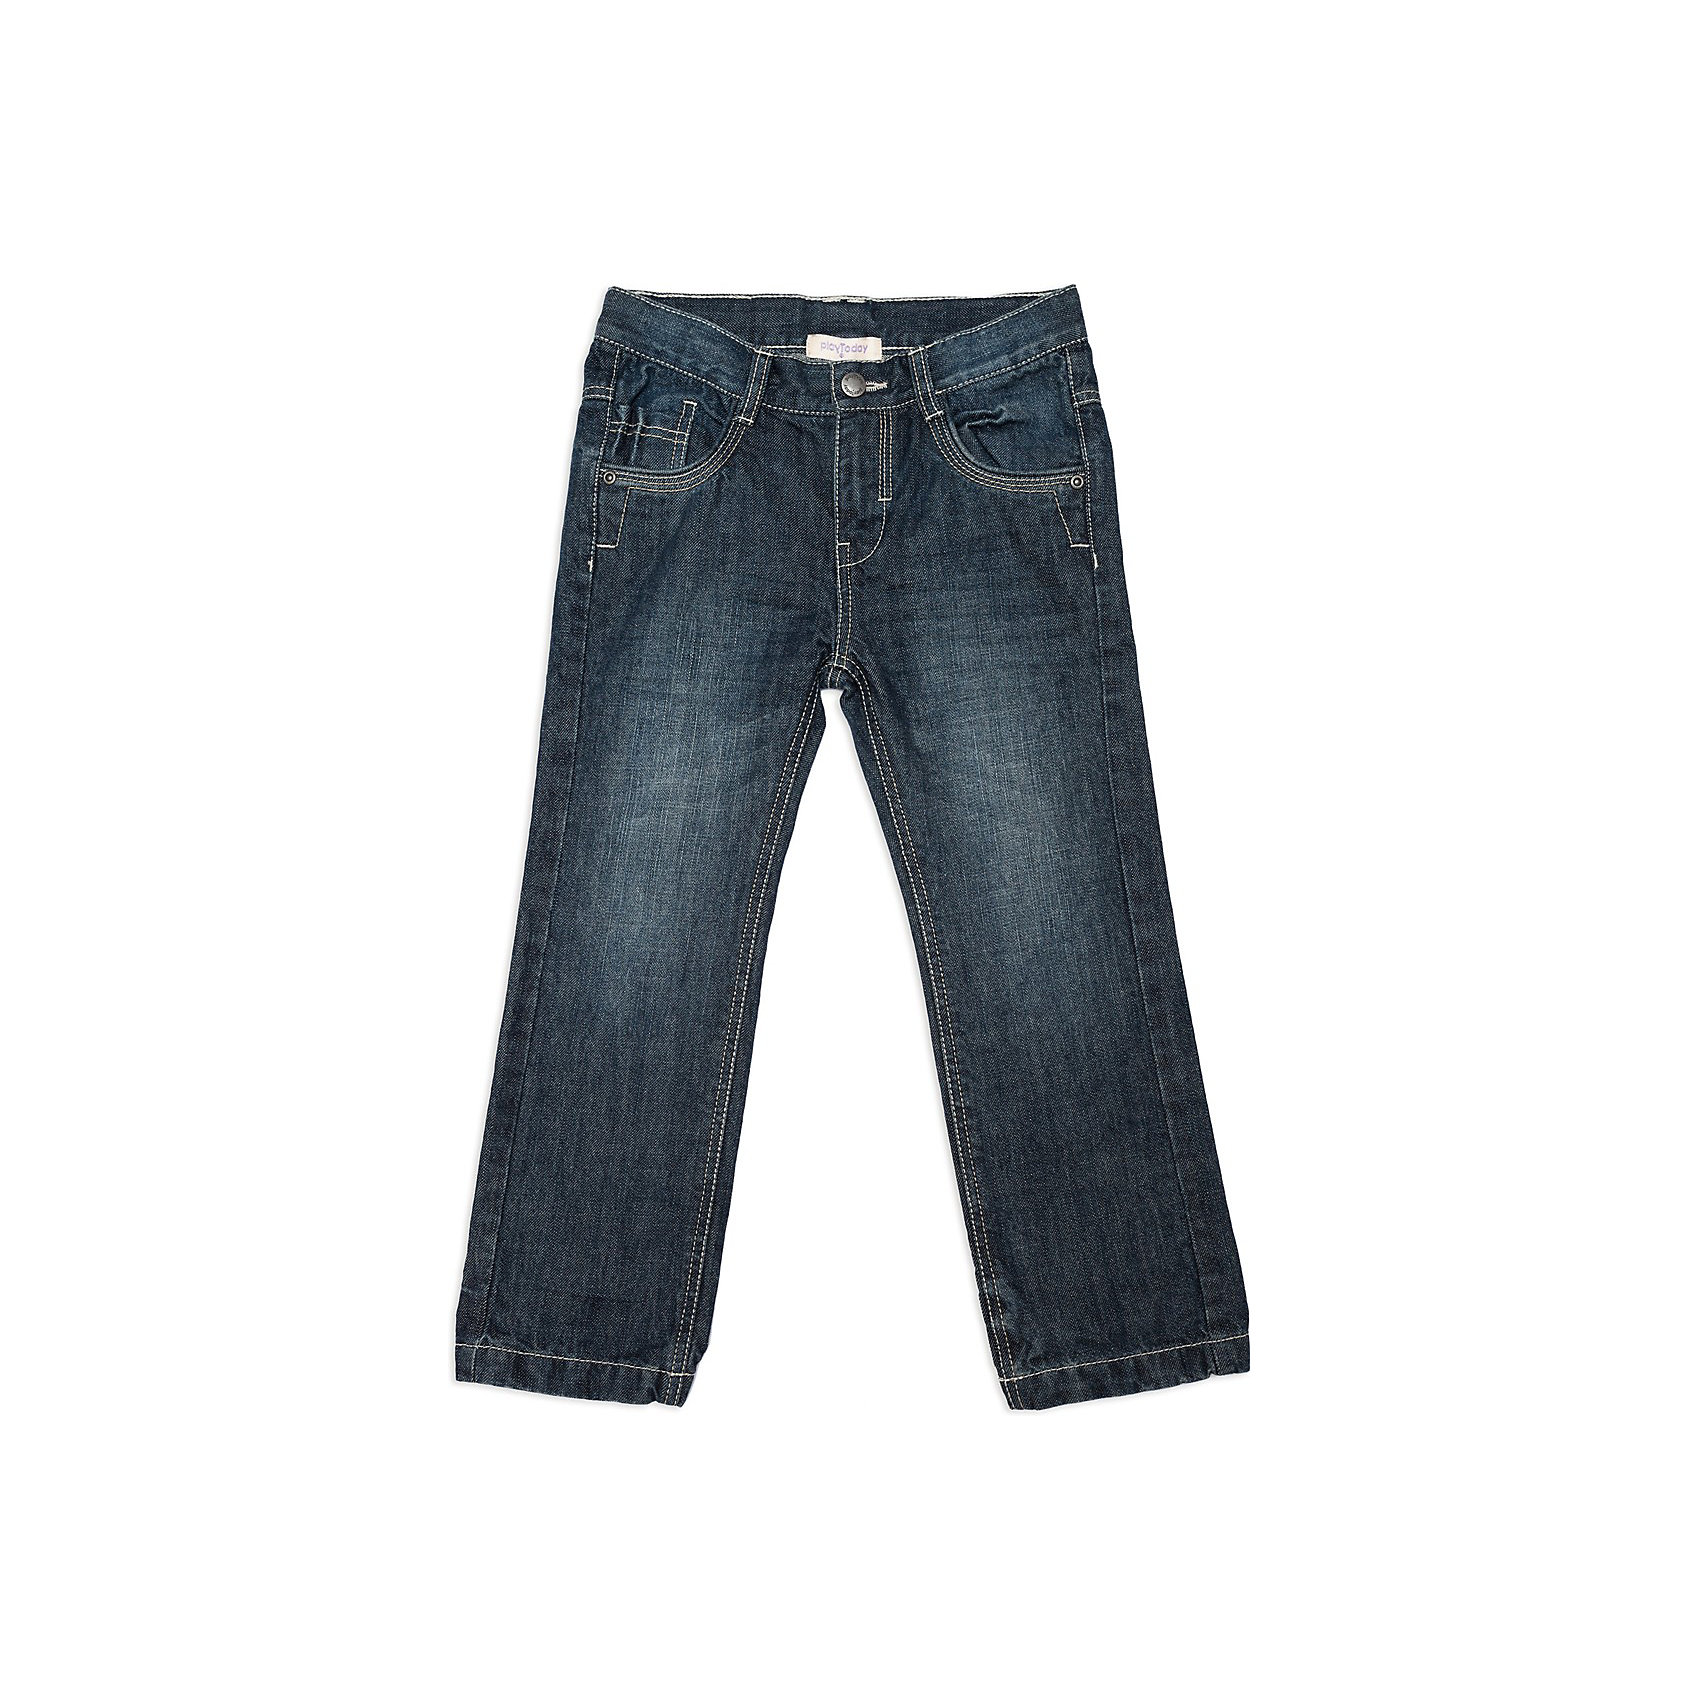 Джинсы для мальчика PlayTodayДжинсы для мальчика от известной марки PlayToday<br>* джинсовая ткань<br>* застежка на молнию и болт<br>* пояс регулируется внутренней резинкой<br>* классические функциональные карманы; задние карманы с клапаном<br>* декорированы контрастными строчками<br>Состав:<br>100% хлопок<br><br>Ширина мм: 215<br>Глубина мм: 88<br>Высота мм: 191<br>Вес г: 336<br>Цвет: синий<br>Возраст от месяцев: 36<br>Возраст до месяцев: 48<br>Пол: Мужской<br>Возраст: Детский<br>Размер: 104,98,116,128,122,110<br>SKU: 3742947